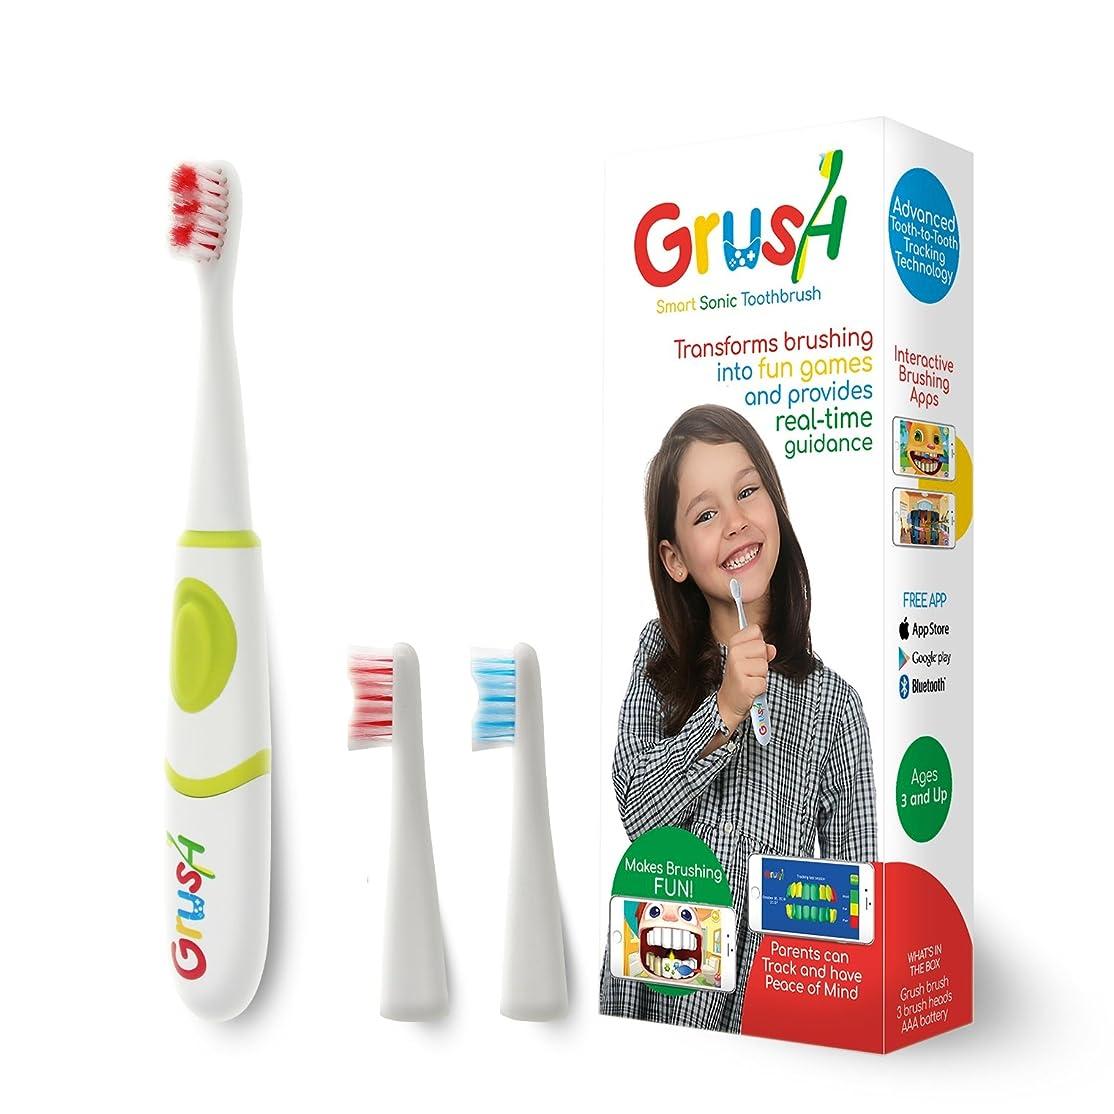 破滅犠牲蒸発歯磨きでモンスターが倒せる!?スマホゲームと連動した電動歯ブラシ「Grush」子供用歯ブラシ 音波振動歯ブラシ